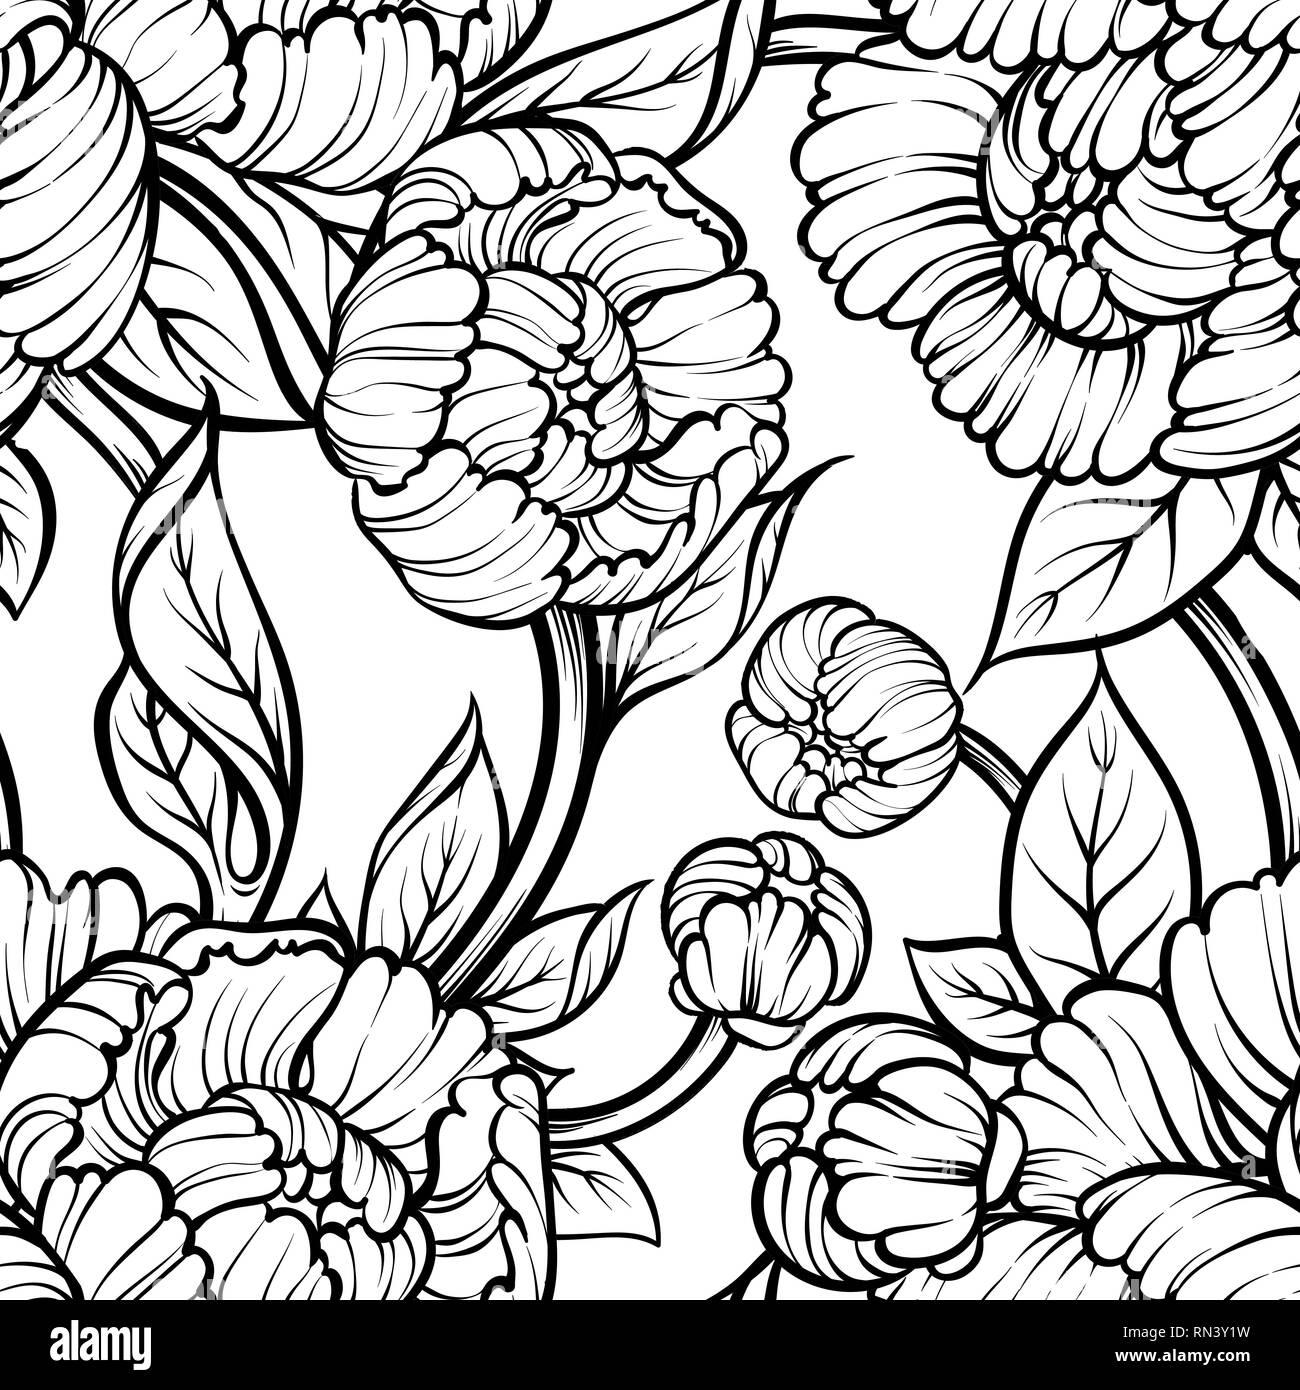 Download 84 Background Art Drawings HD Terbaik